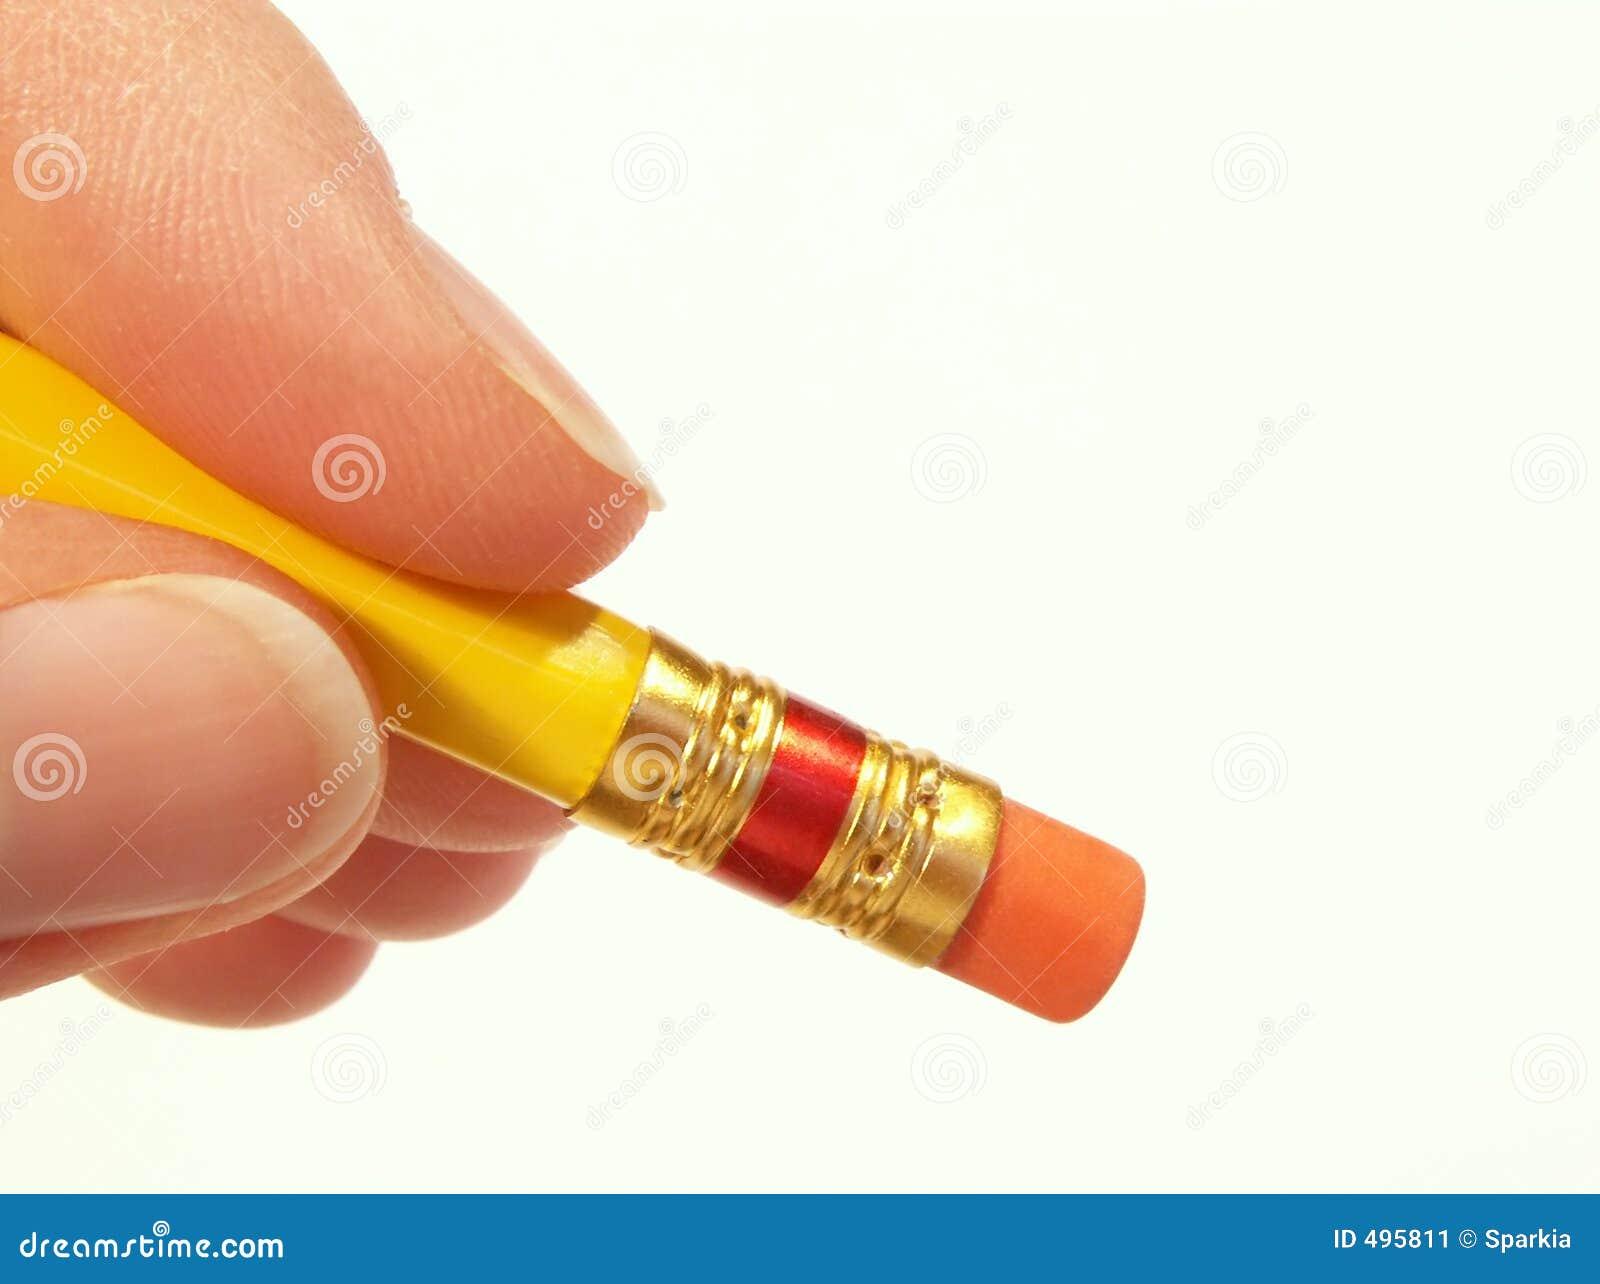 карандаш руки erase готовый для того ...: ru.dreamstime.com/стоковое-изображение...